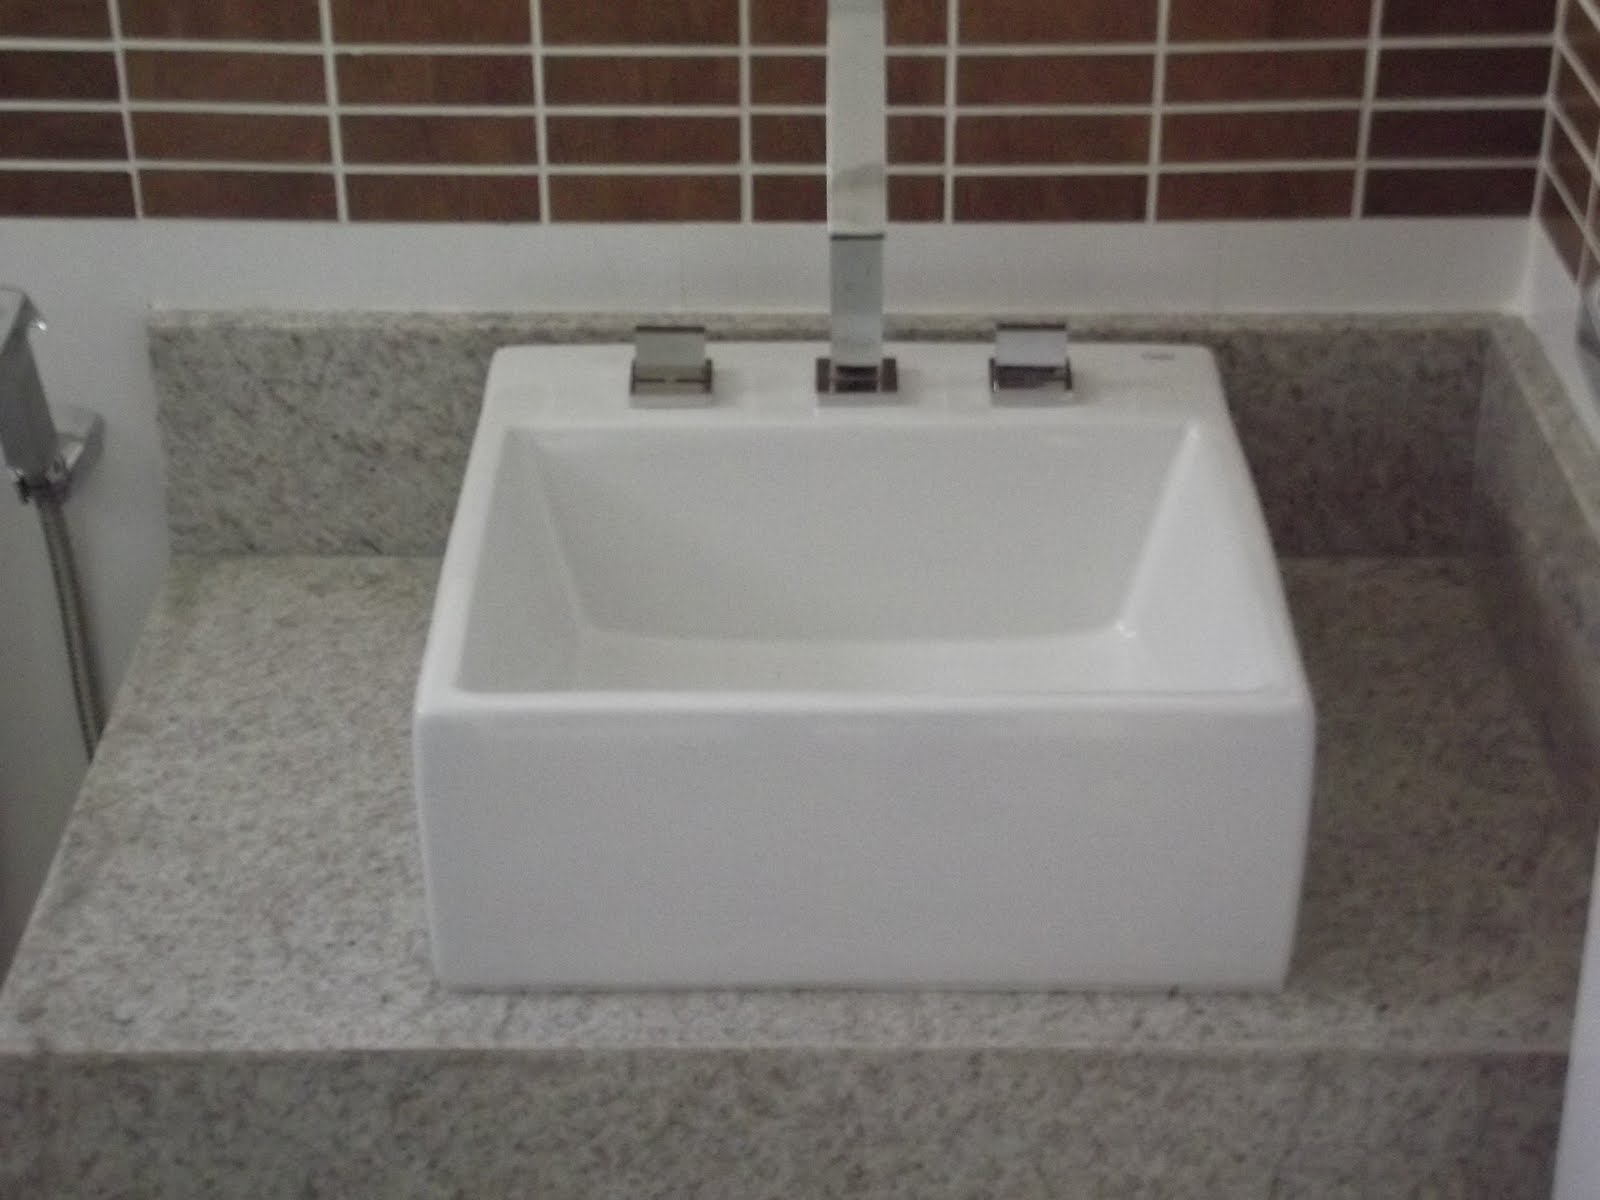 Nicho de Banheiro em Granito Cacau Show #453732 1600x1200 Banheiro Com Granito Branco Siena